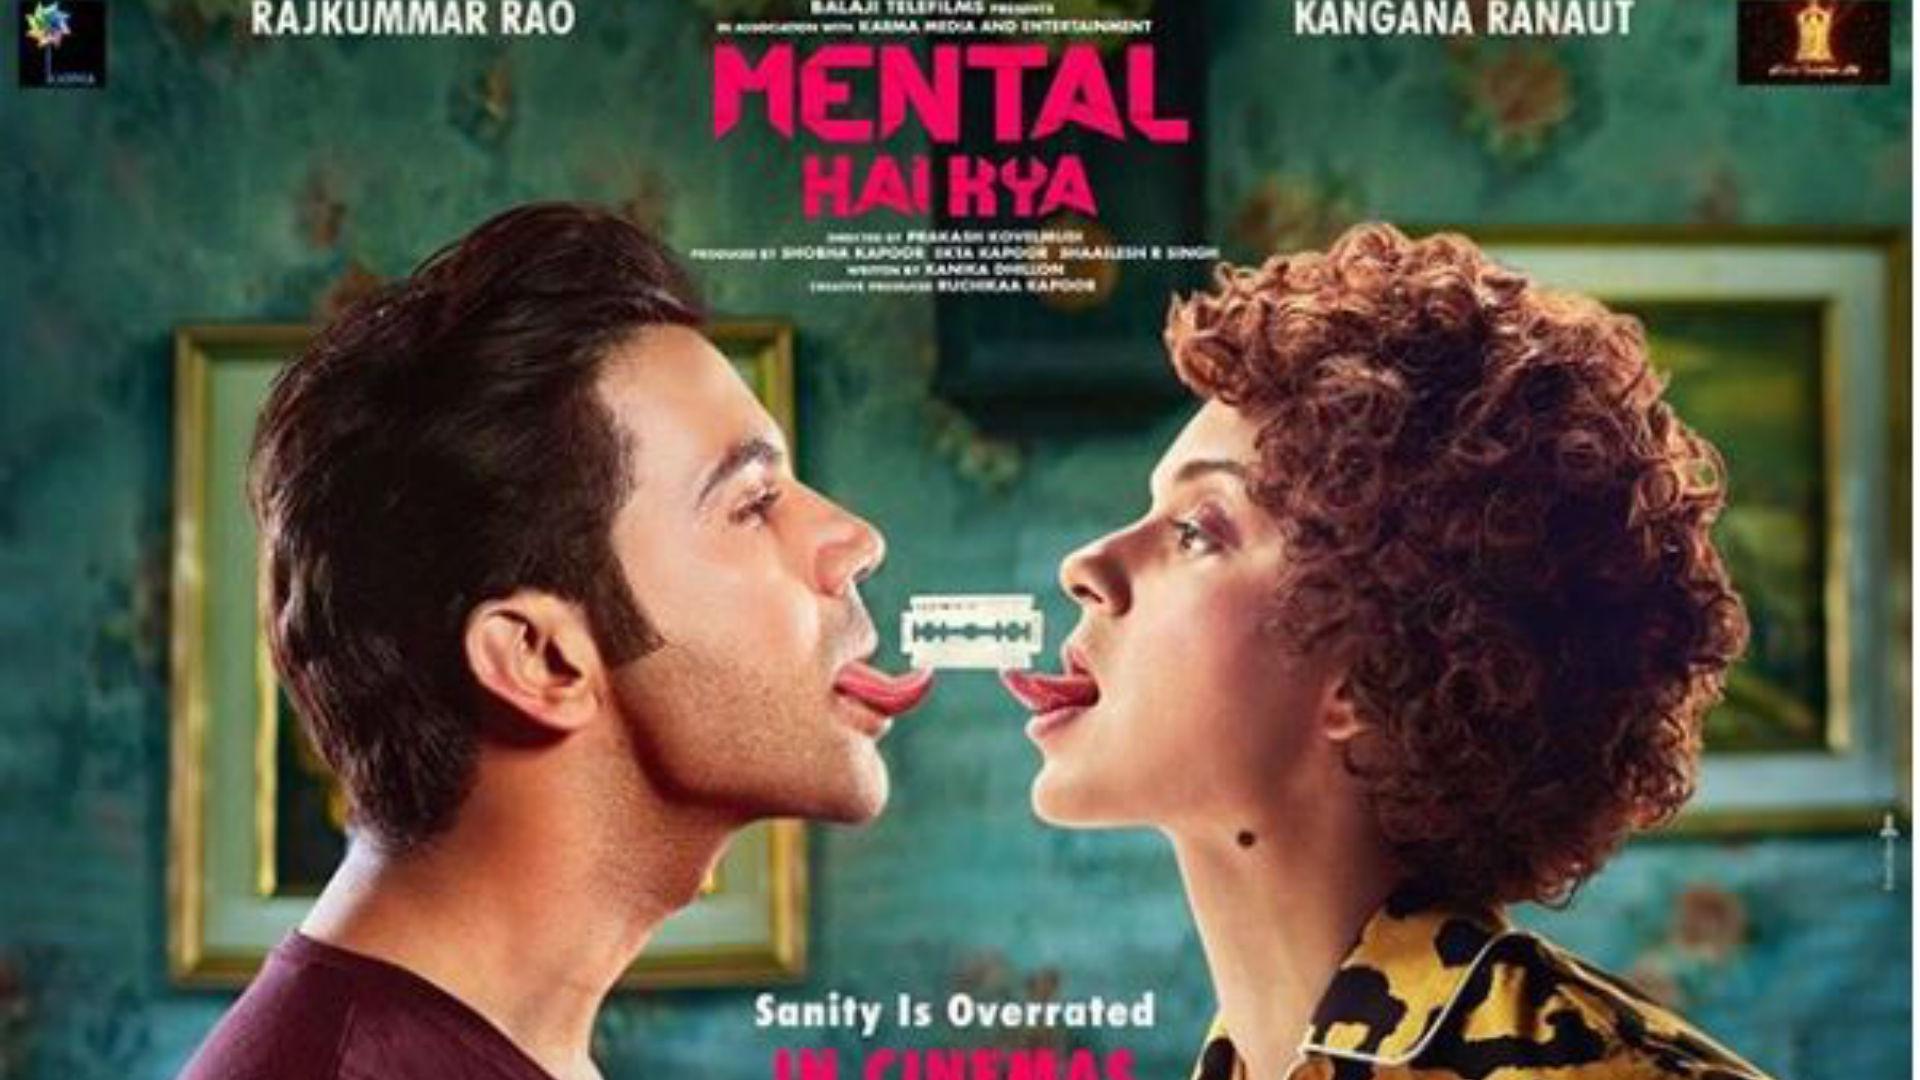 फिल्म मेंटल है क्या का नया पोस्टर रिलीज, इस दिन दर्शकों के बीच पागलपंती करते दिखेंगे राजकुमार राव-कंगना रनौत